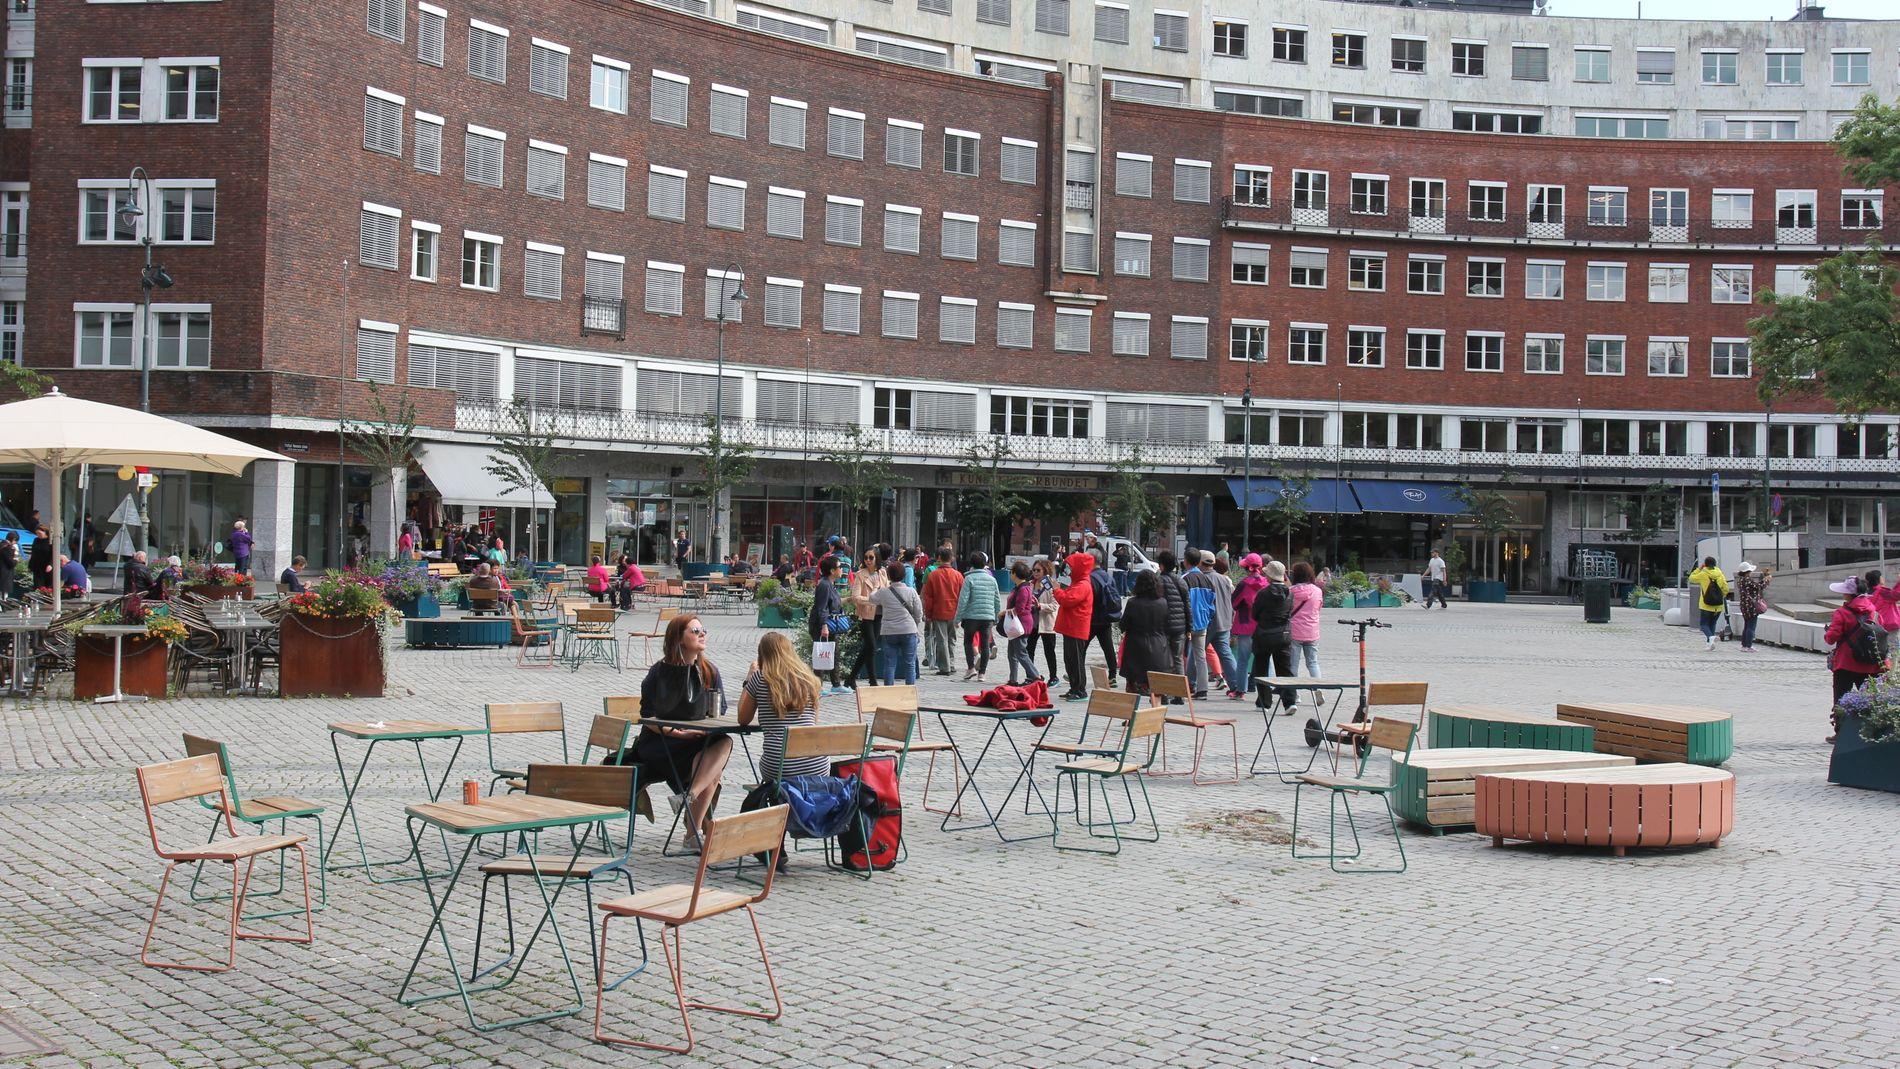 BILFRITT BYLIV: Fridtjof Nansens plass foran Rådhuset er et av stedene som har fått begrensninger når det gjelder biltrafikk, og har fått tilført en rekke sitteplasser. Det er i dette området flere av Oslos største gårdeiere peker på at butikkene sliter i en ny analyse.